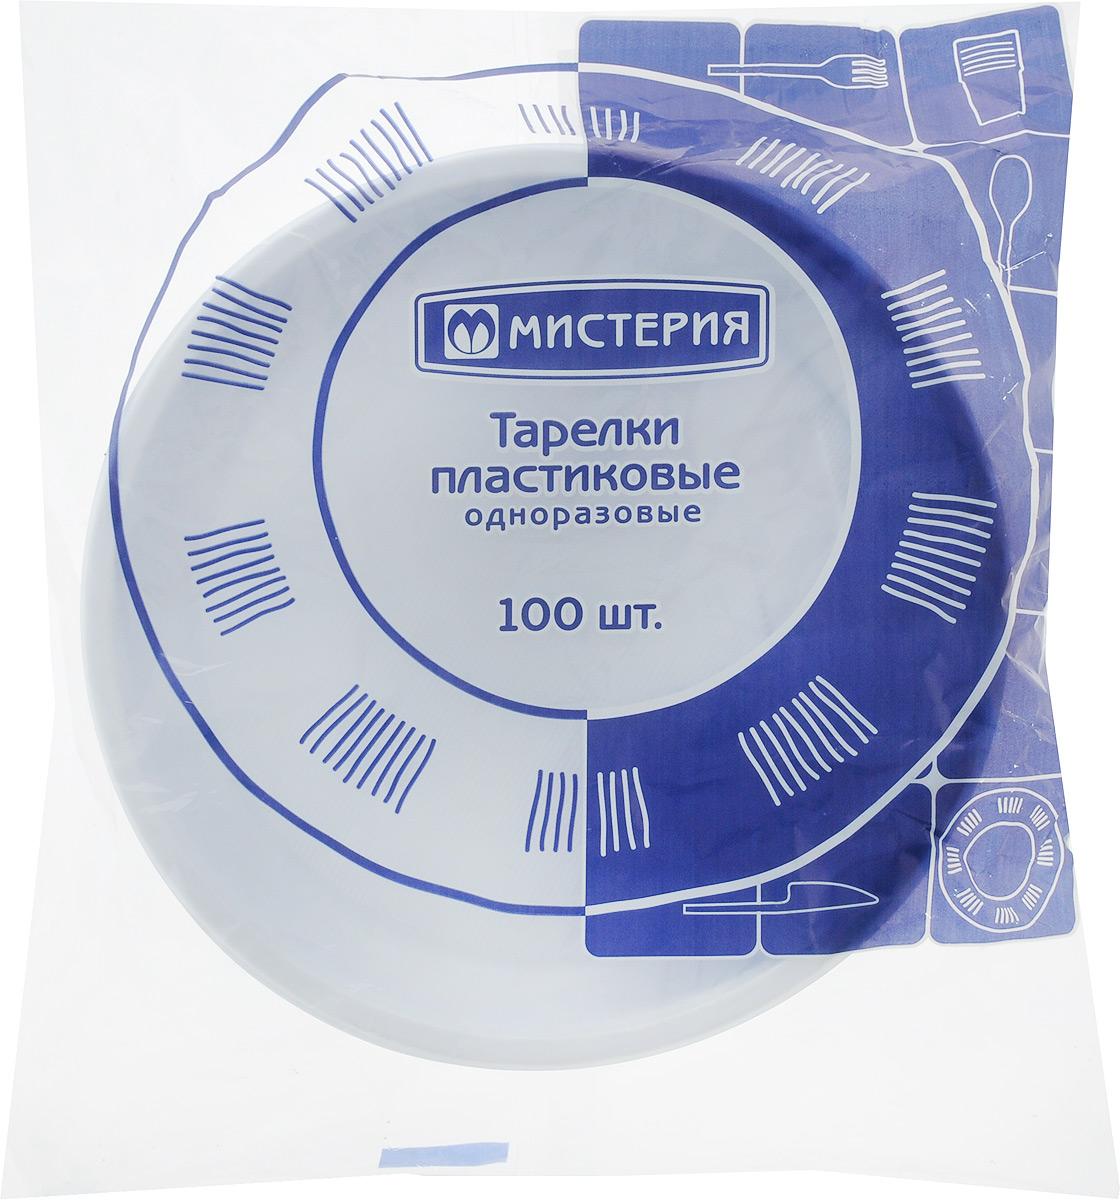 Тарелка одноразовая Мистерия, цвет: белый, диаметр 20,5 см, 100 штVT-1520(SR)Набор Мистерия состоит из 100 тарелок, выполненных из полистирола и предназначенных для одноразового использования. Такие тарелки подходят для холодных и горячих пищевых продуктов.Одноразовые тарелки будут незаменимы при поездках на природу, пикниках и других мероприятиях. Они не займут много места, легки и самое главное - после использования их не надо мыть.